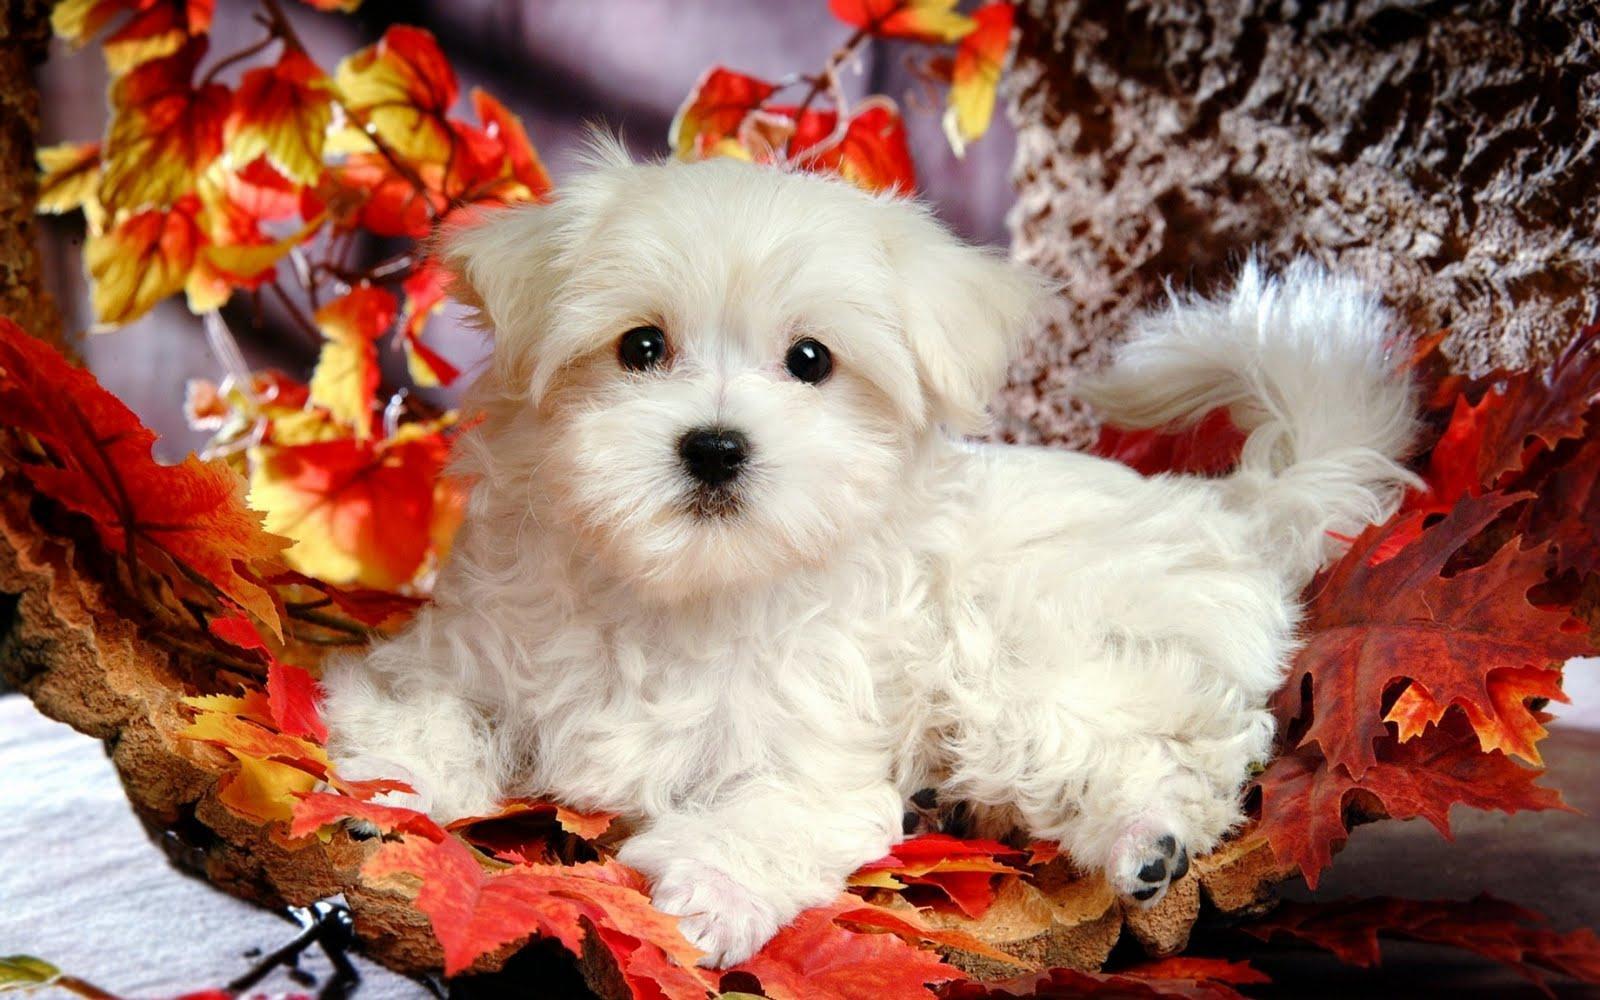 Cute Puppies Wallpaper HD Widescreen